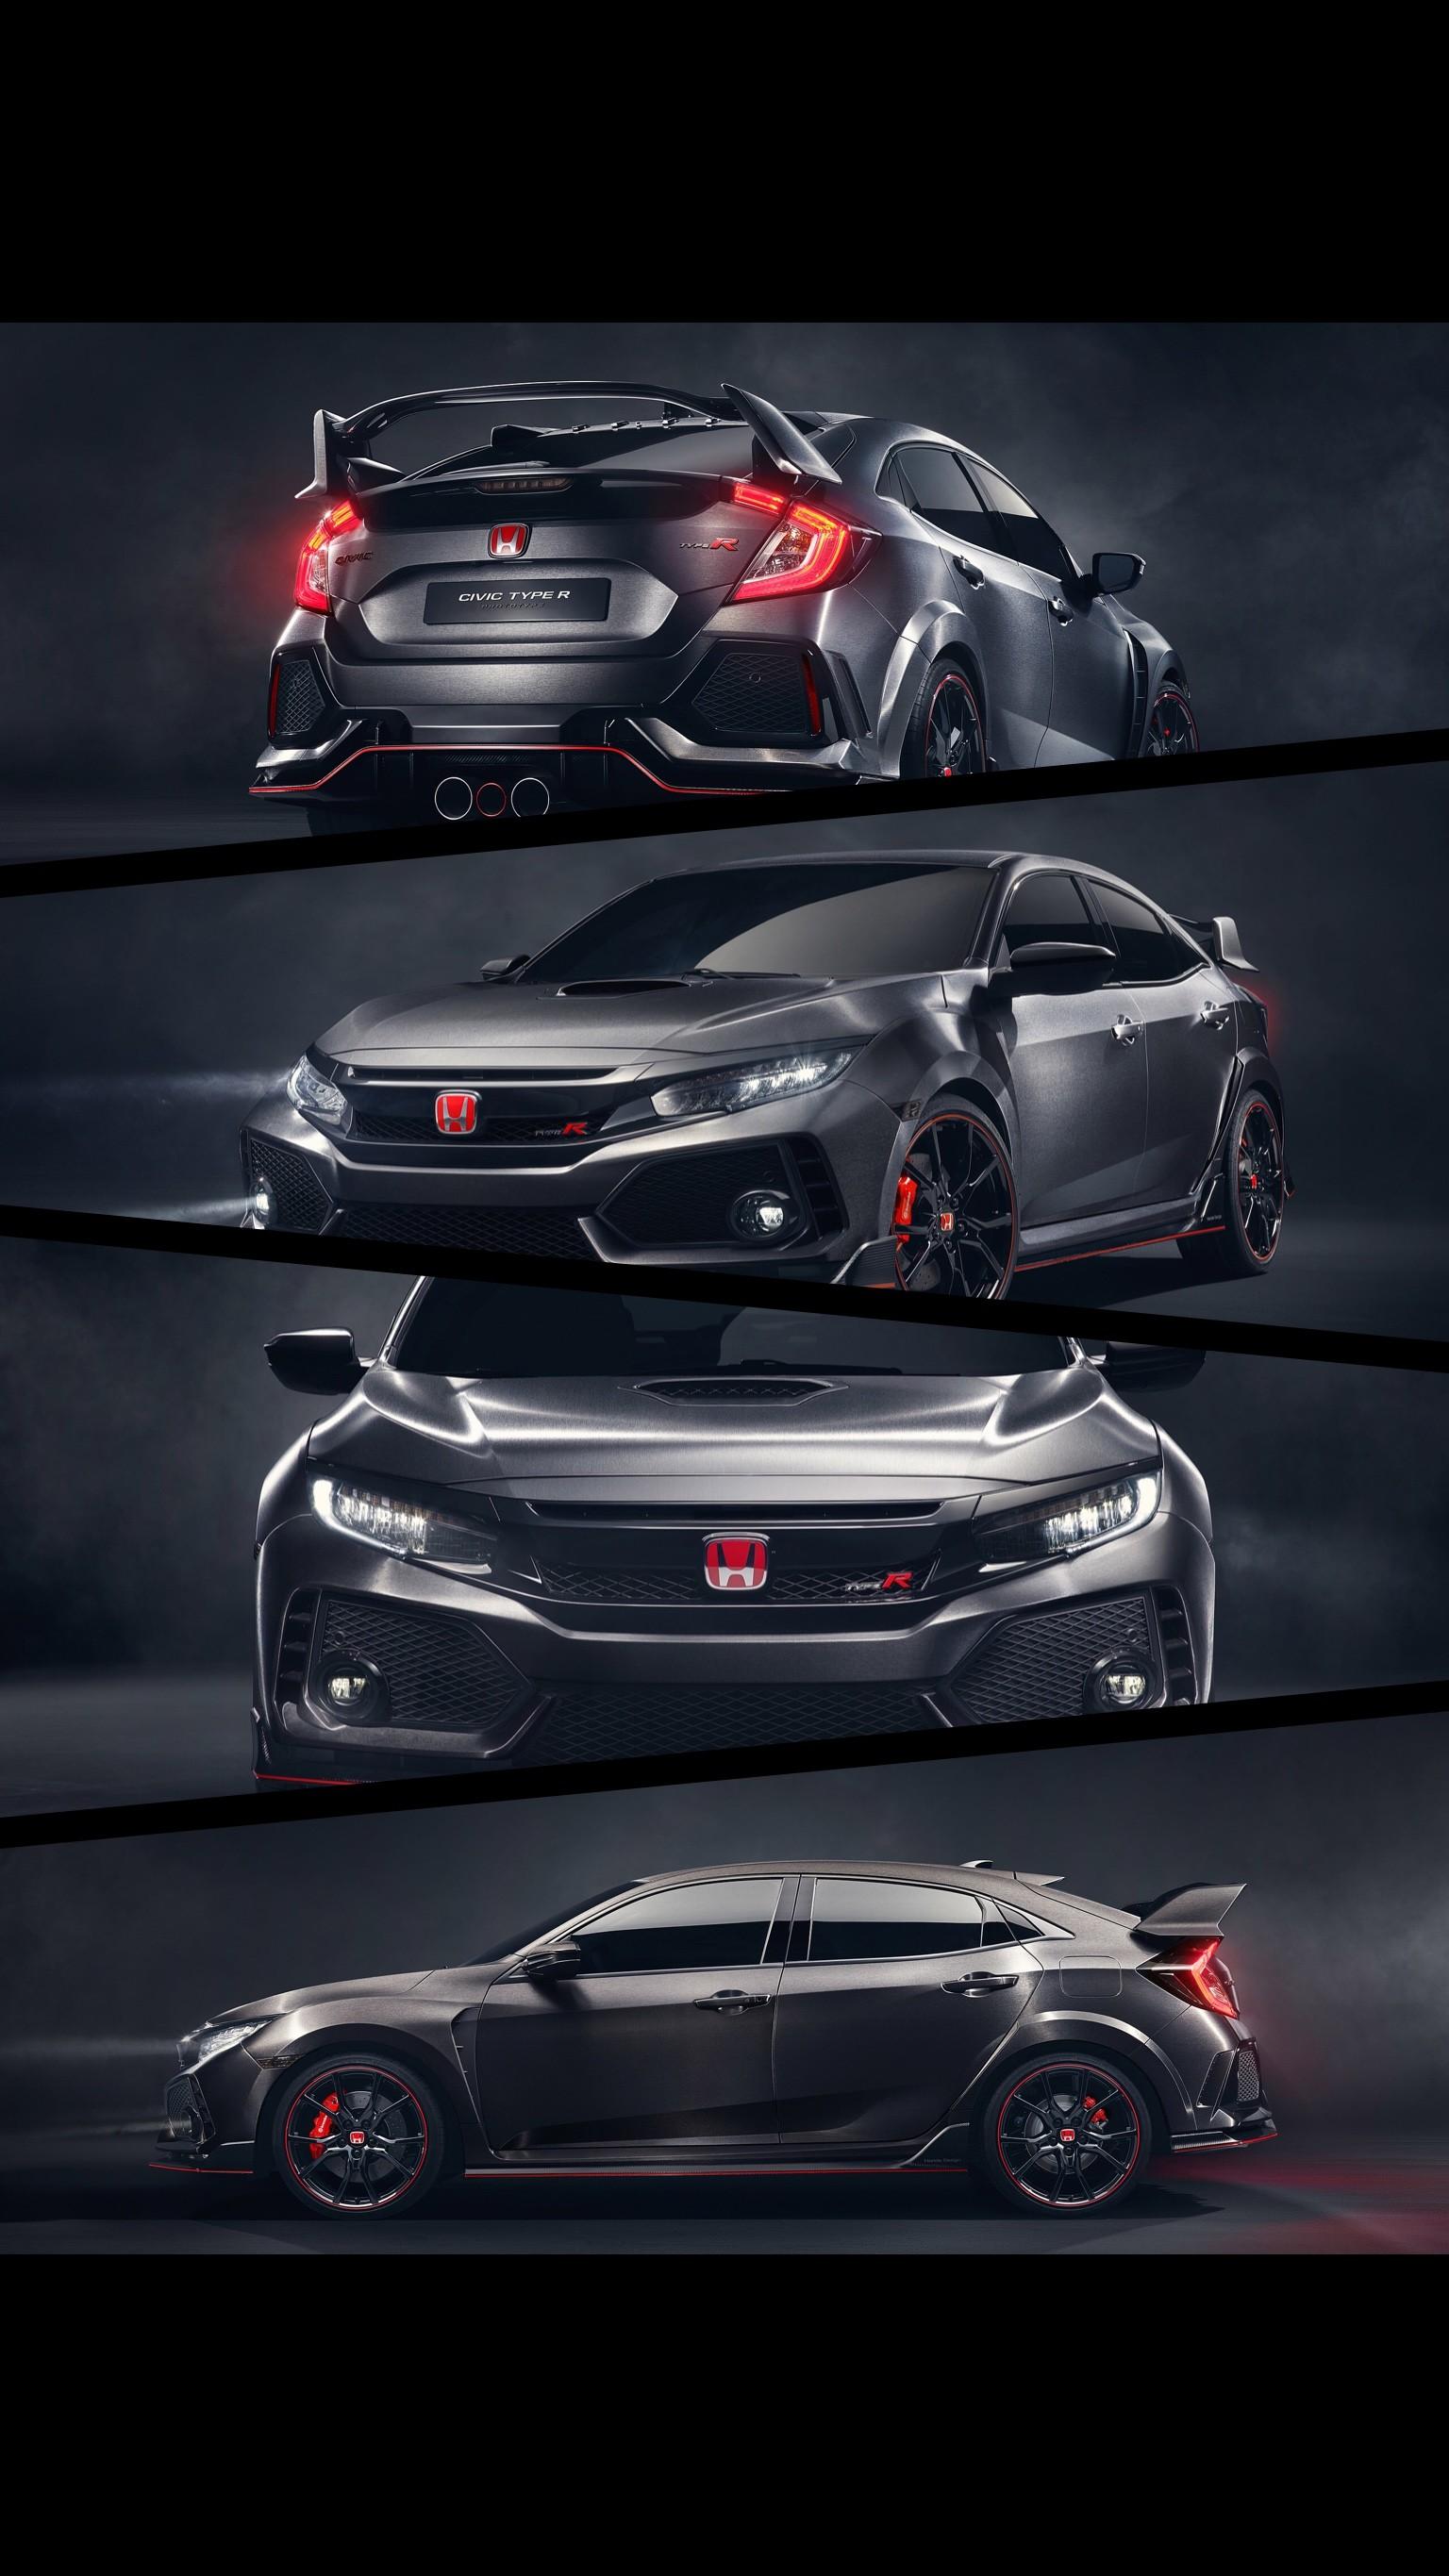 Honda Civic Wallpaper